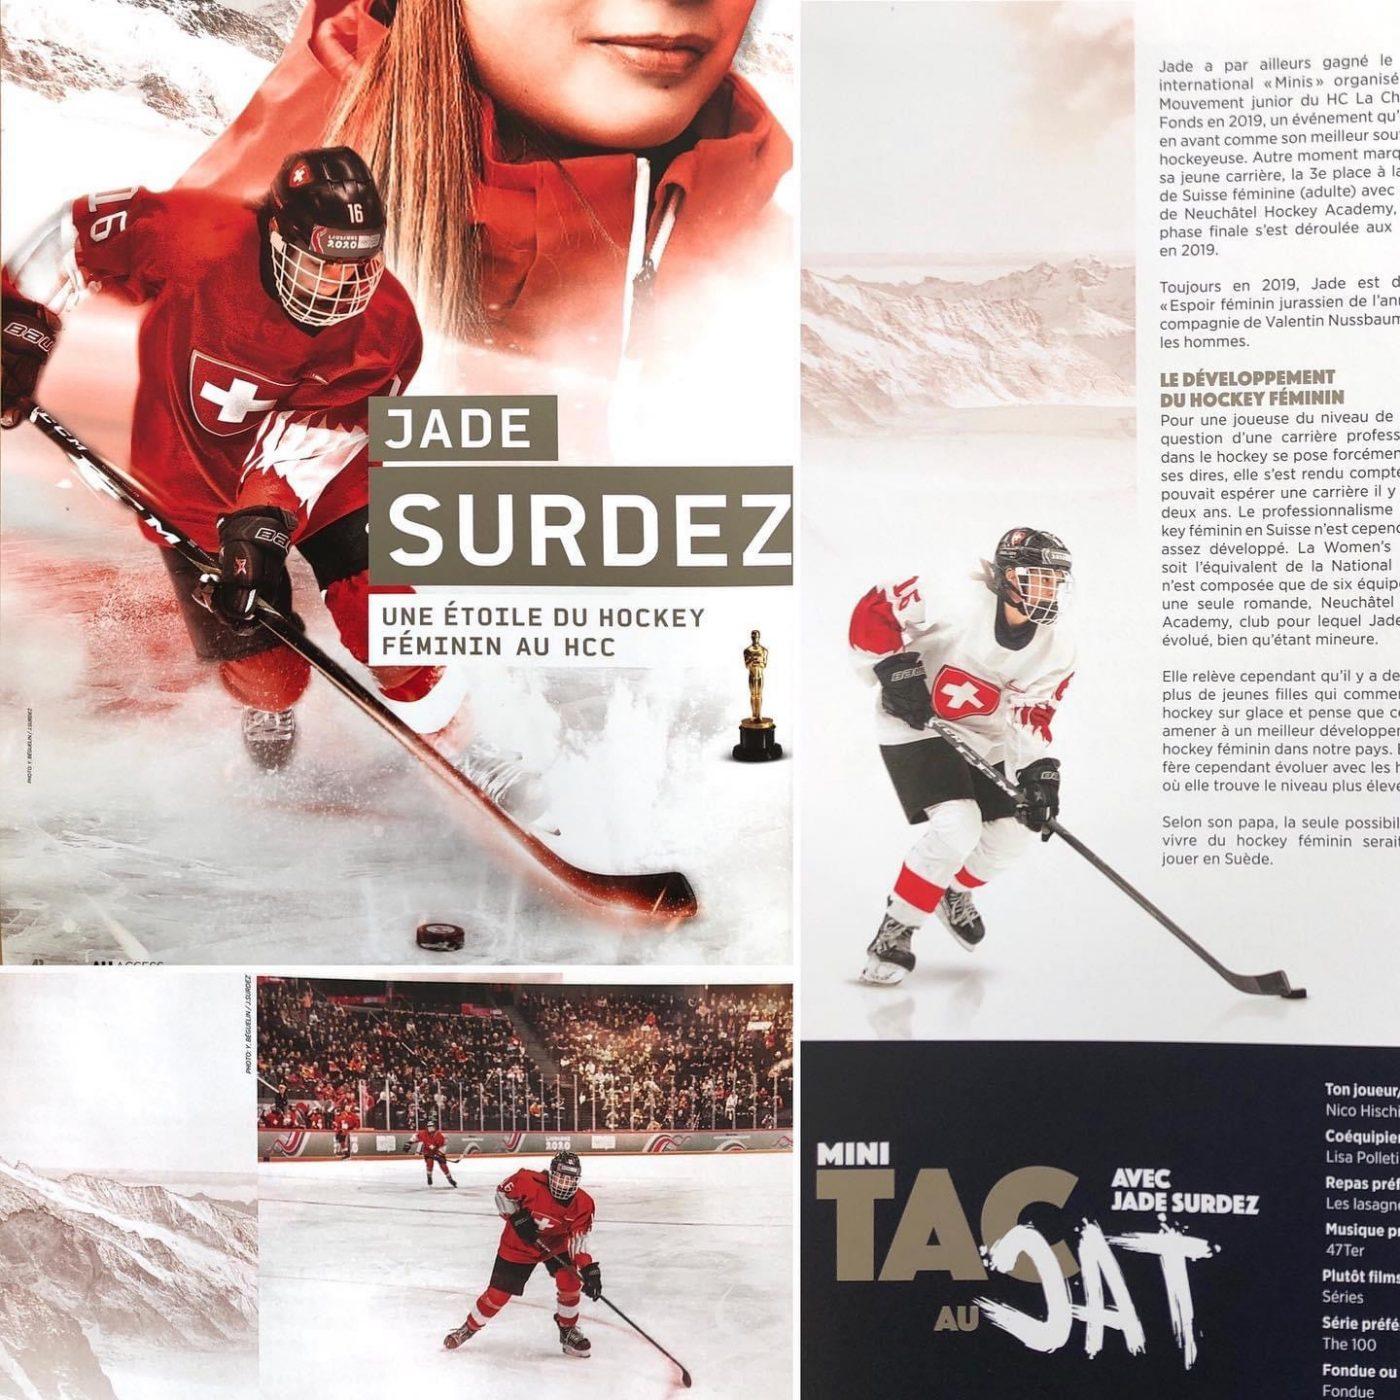 Publication magazine All Access La Chaux-de-Fonds